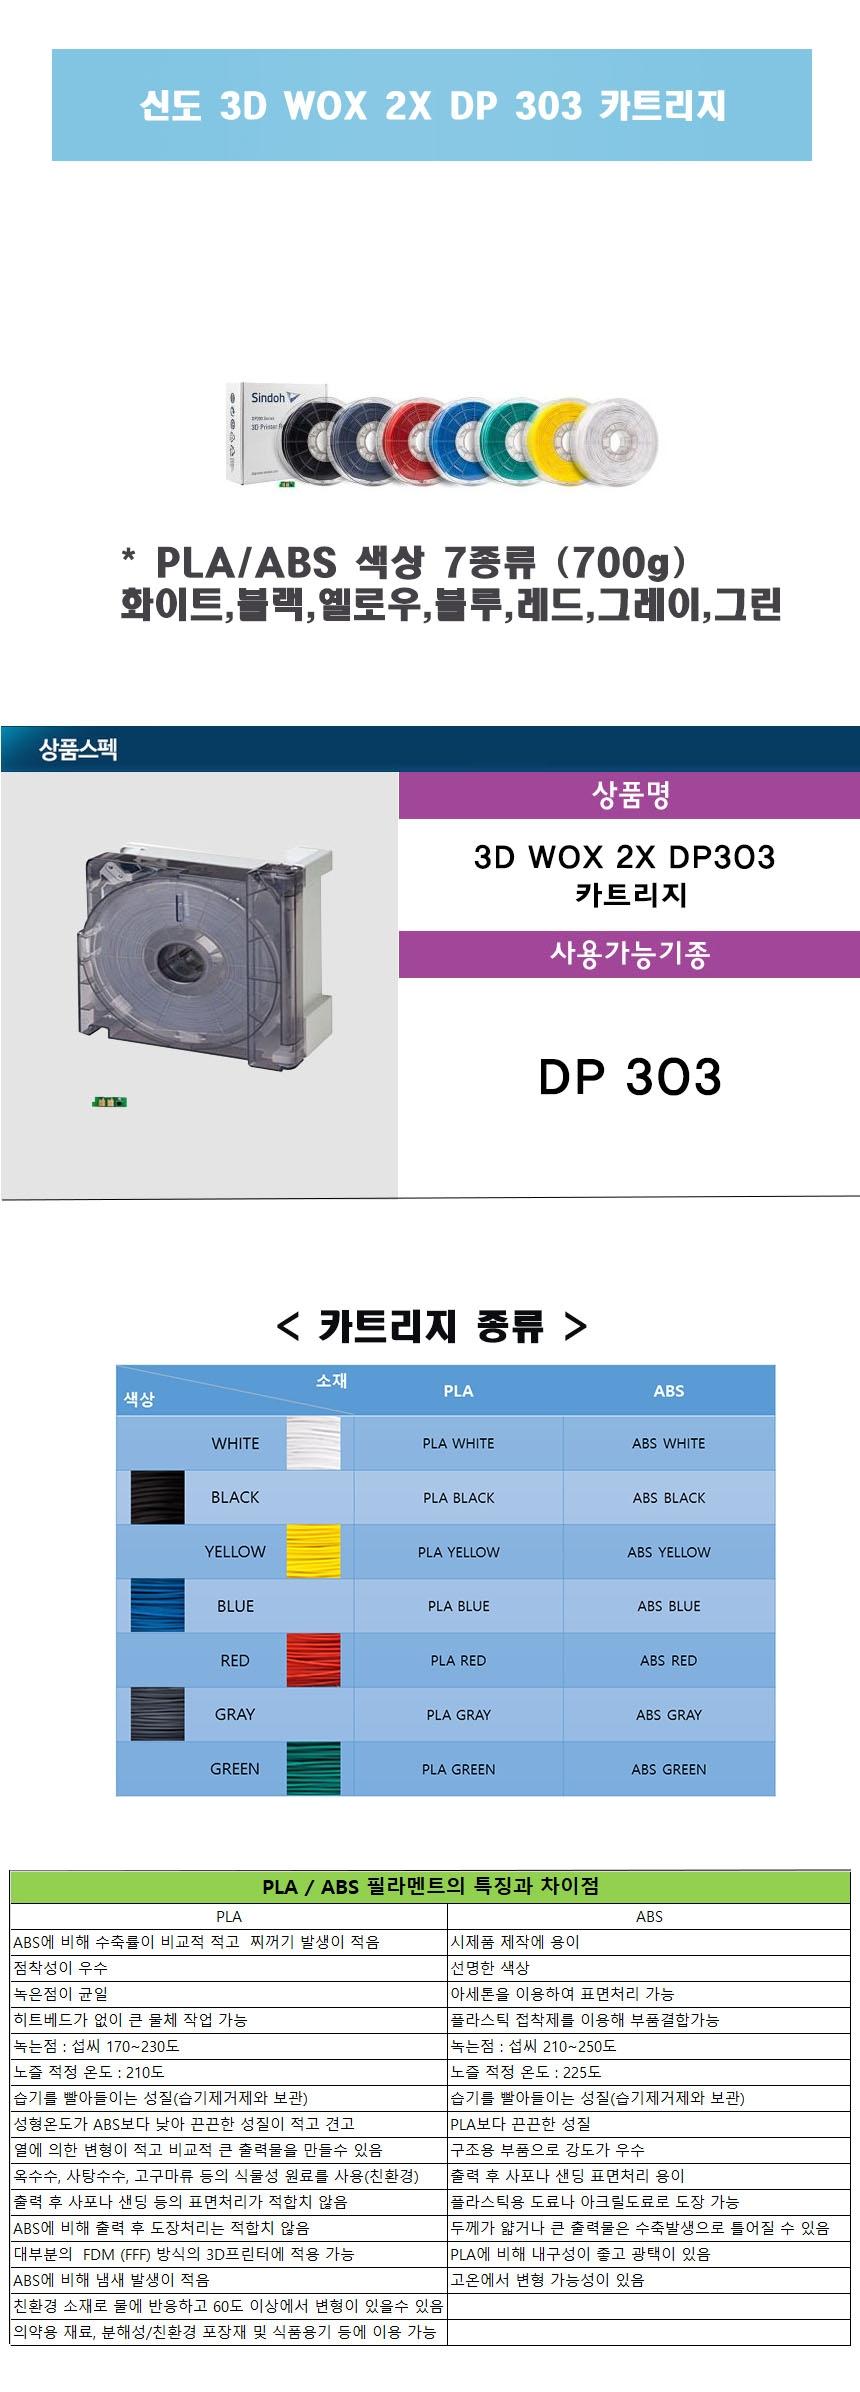 filamentDP303spec001.jpg